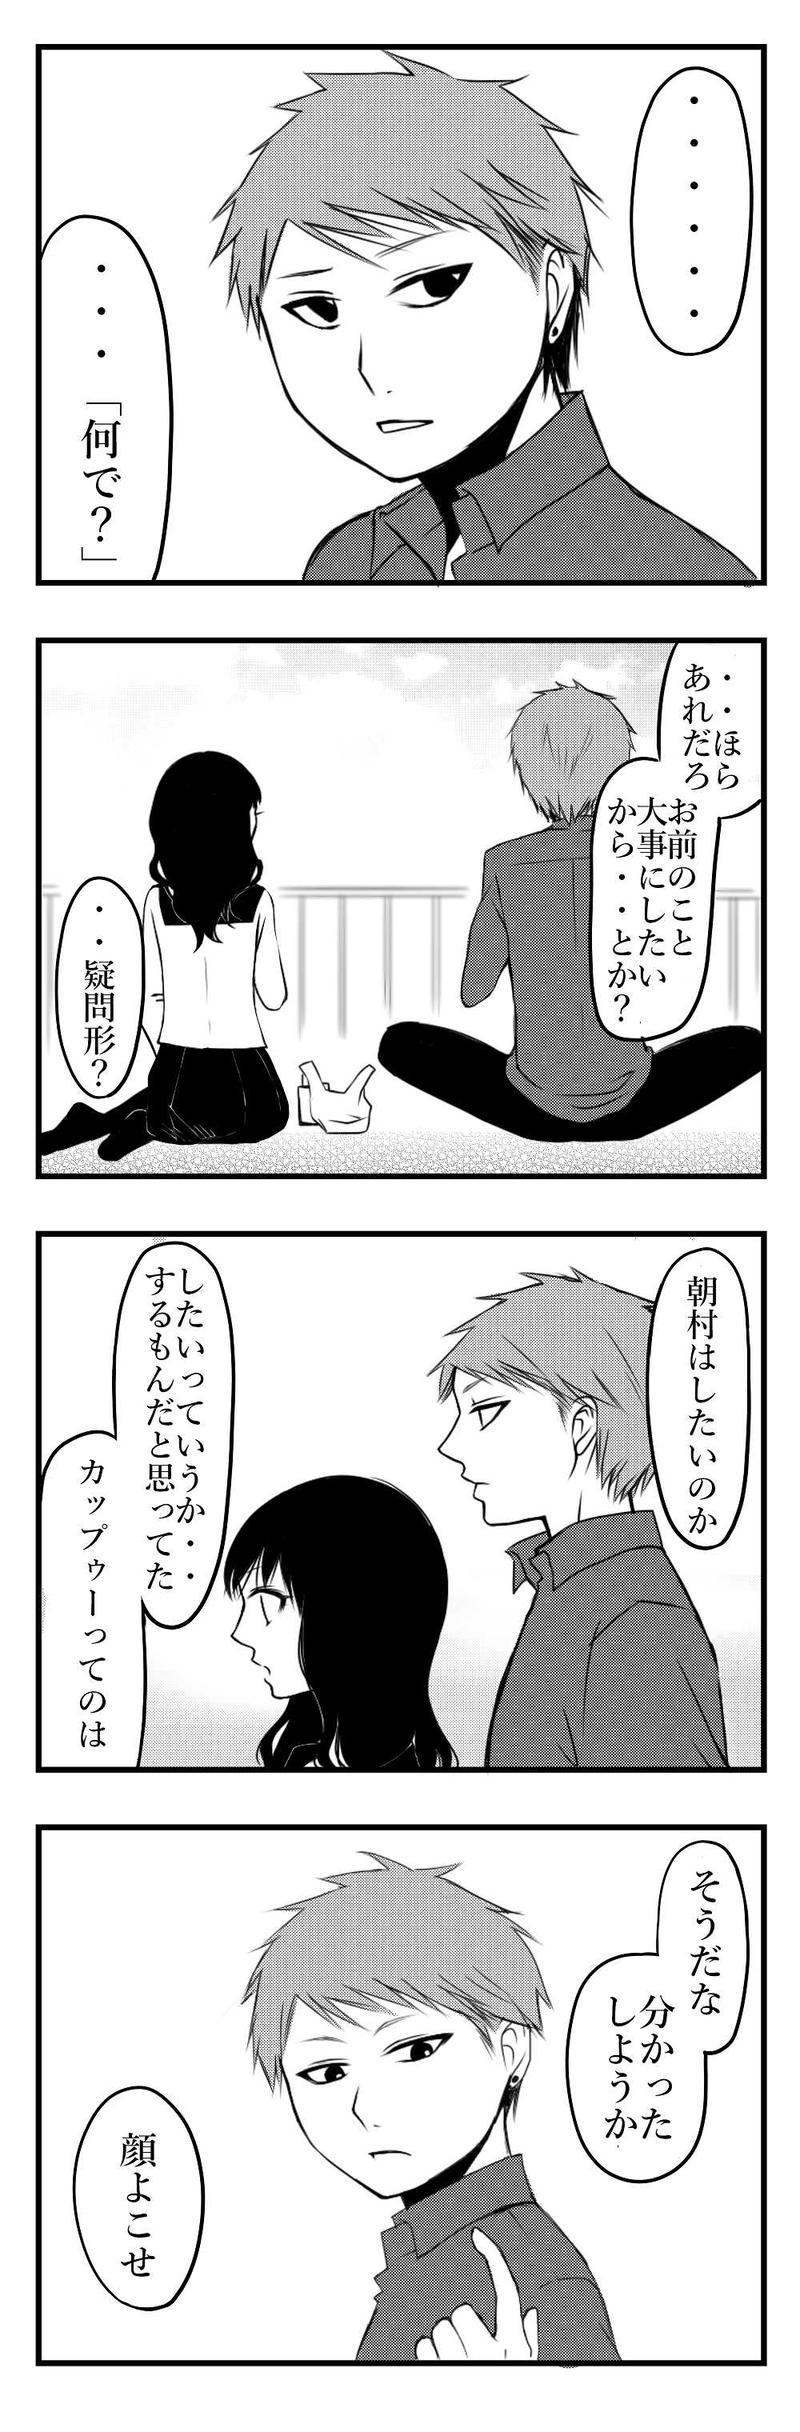 1キス 交換日記